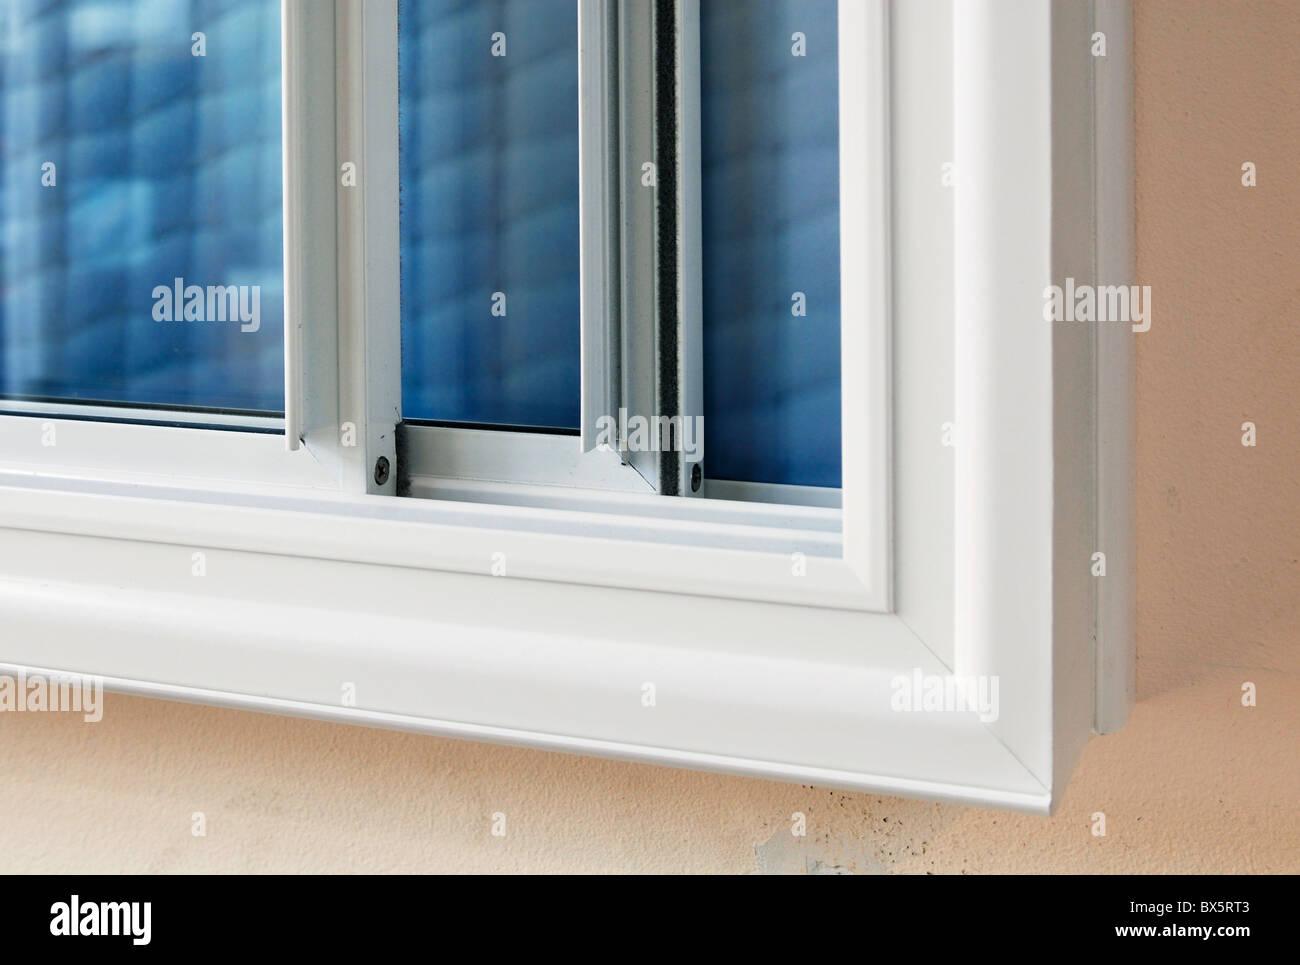 Sekundäre Fenster Verglasung isoliert, Wärme- und Geräuschentwicklung Stockbild